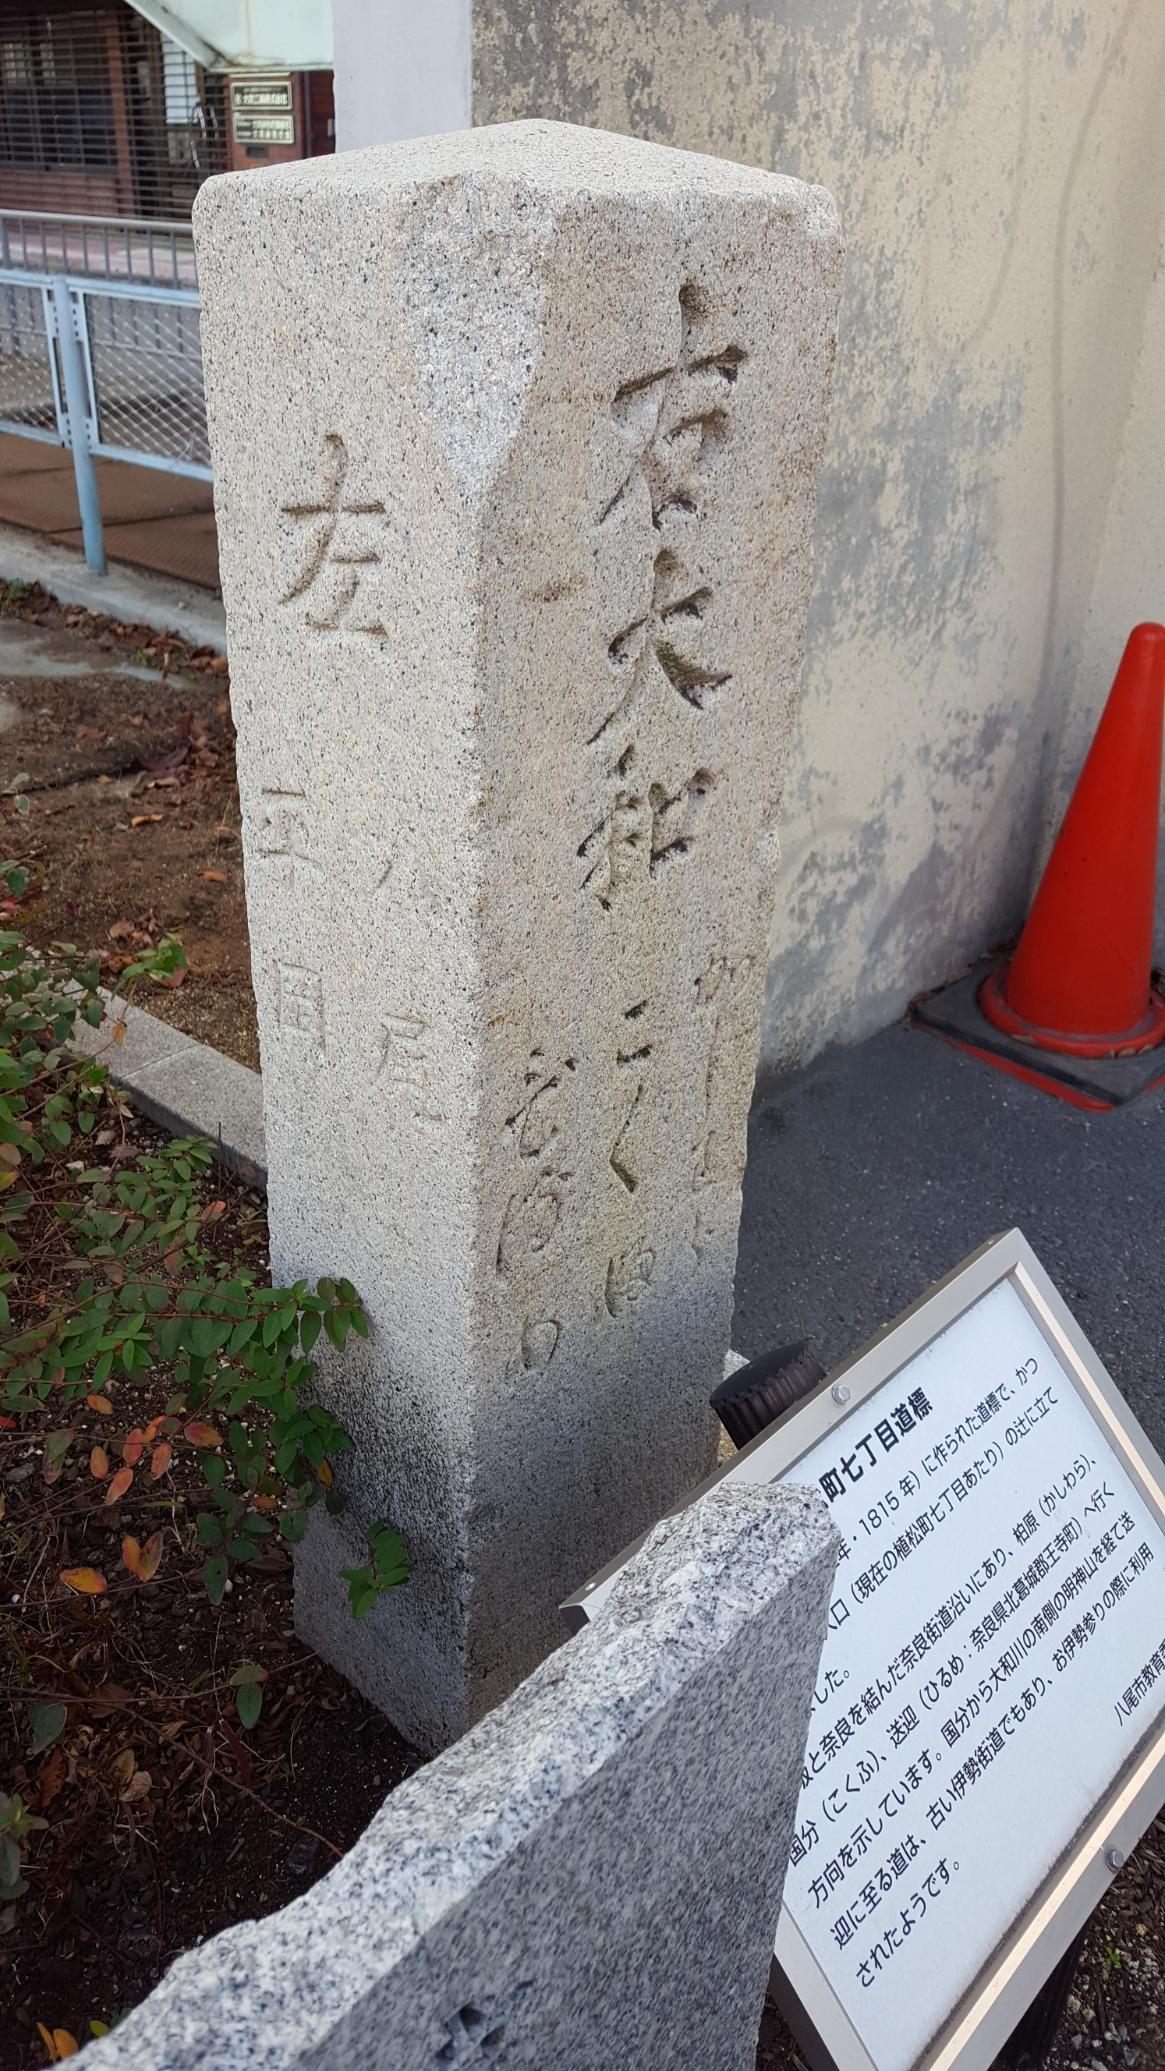 「物部守屋の墓」の見学後、この周辺を散策していると古い道標が建っていました。 この道標は、1815年頃に作られたもので飛鳥時代に比べれば真新しく感じますが、江戸時代のもので、かつての旧奈良街道(国道25号線)が、古い伊勢街道としてお伊勢参りに使われていた事が記されていました。